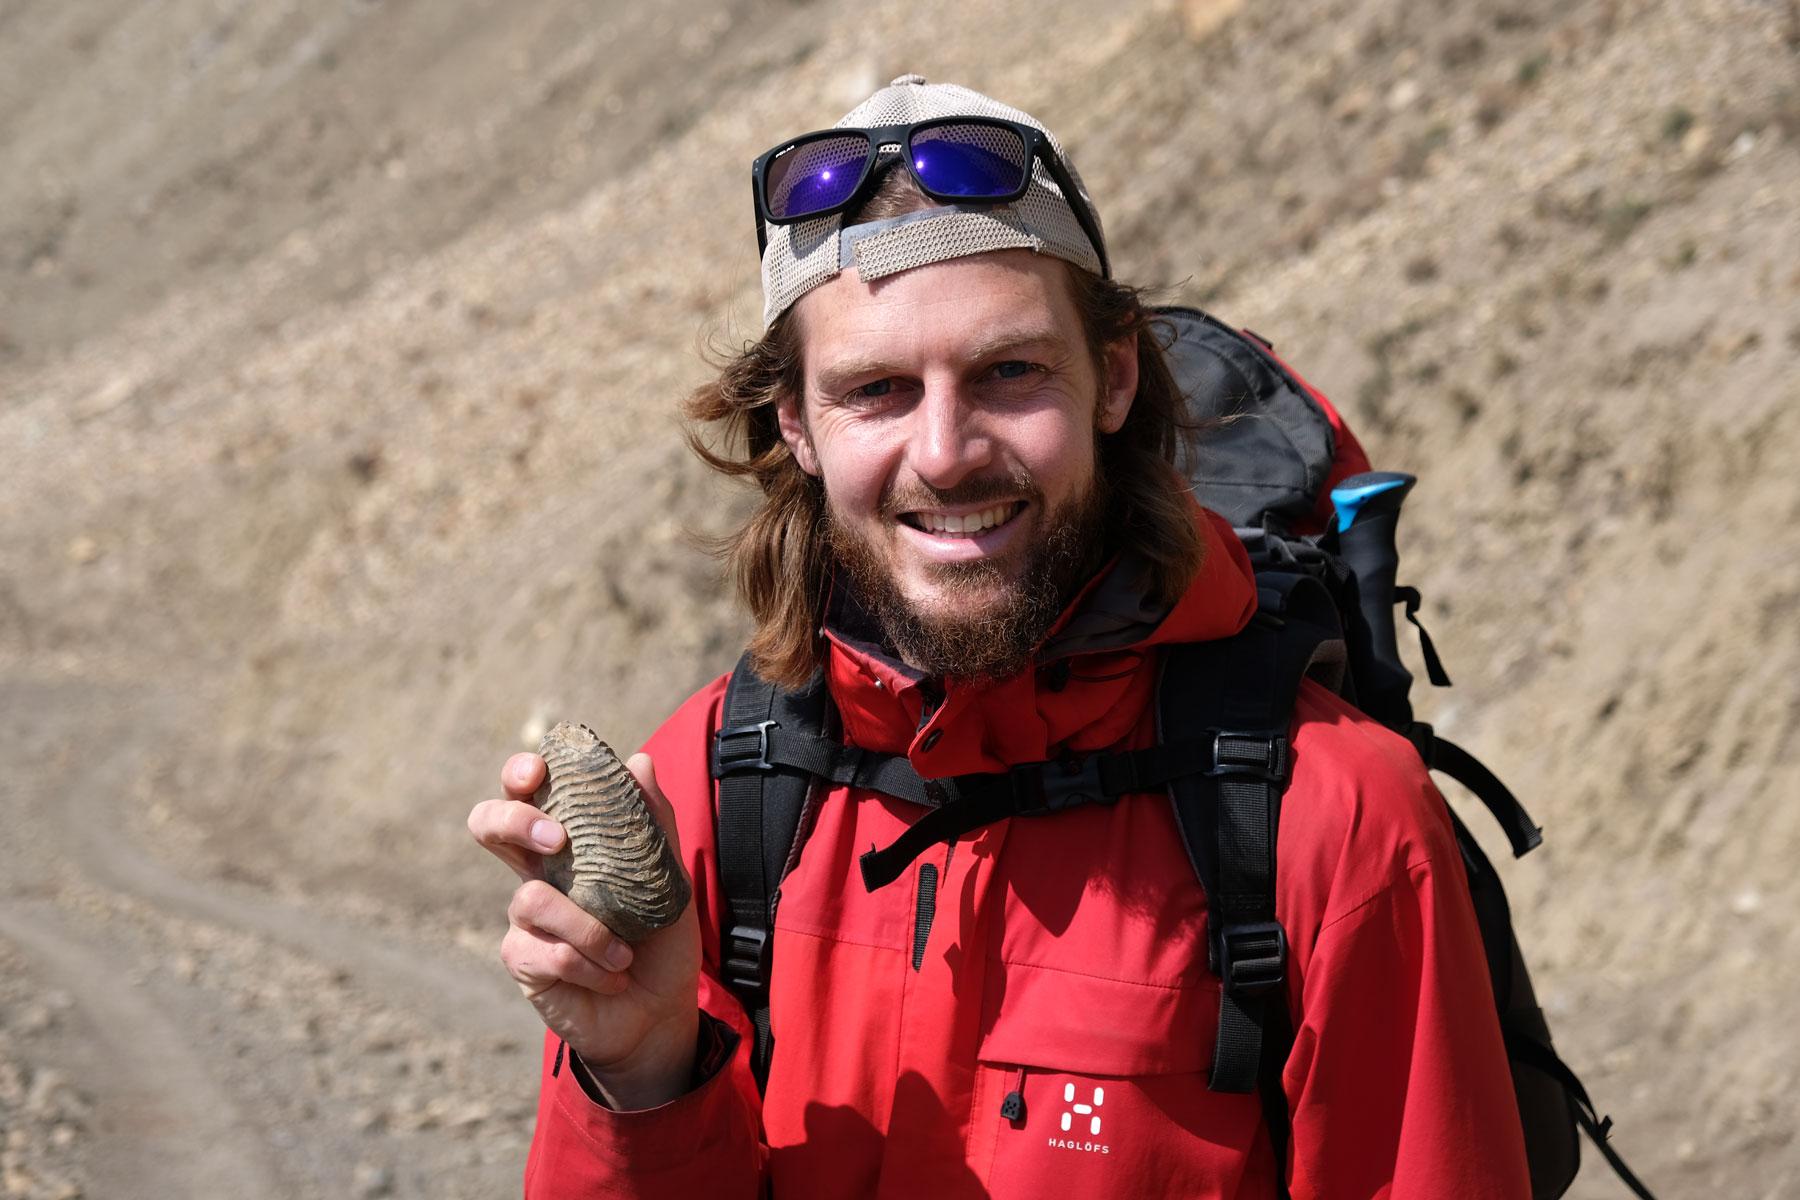 Sebastian hält ein Fossil in der Hand.